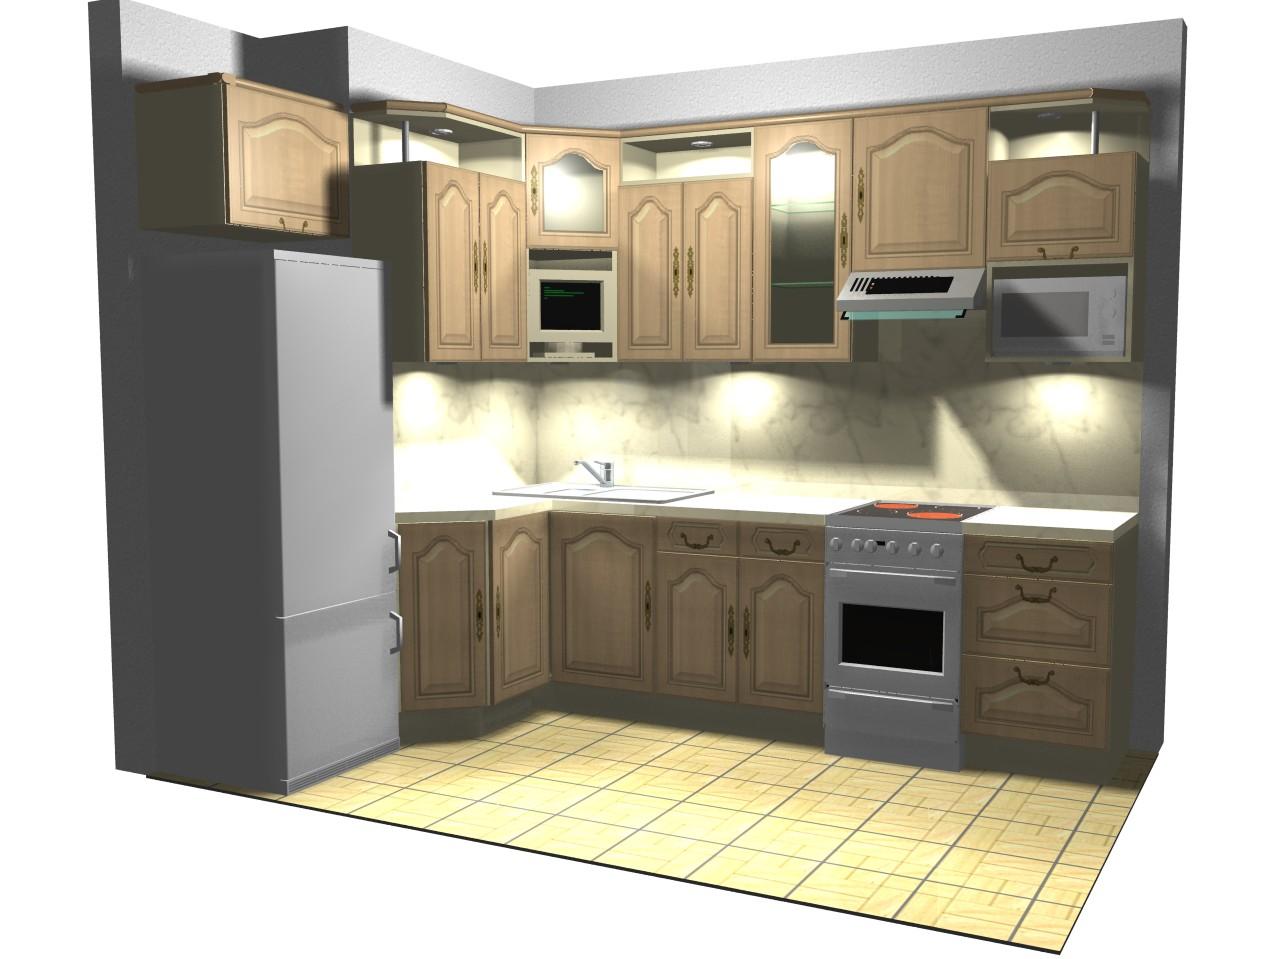 Кухня на заказ спб от производителя  фото классика